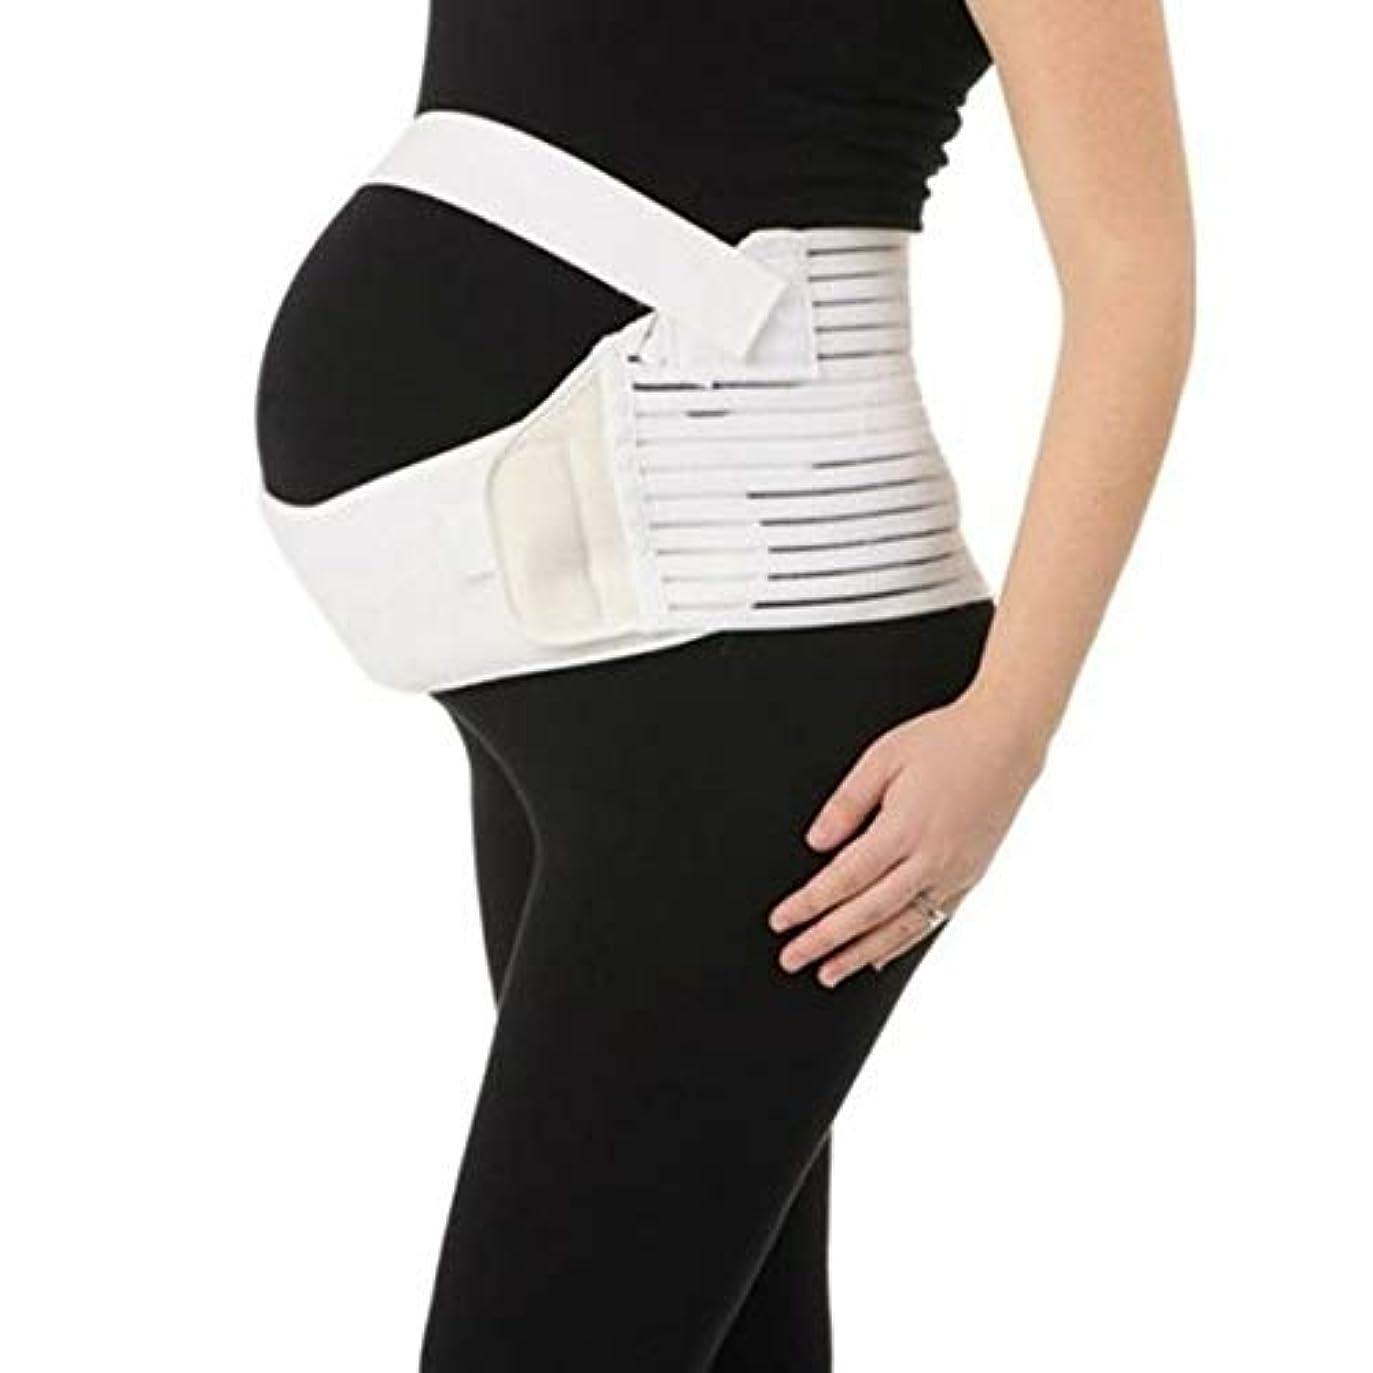 誤突進巡礼者通気性マタニティベルト妊娠腹部サポート腹部バインダーガードル運動包帯産後の回復shapewear - ホワイトL